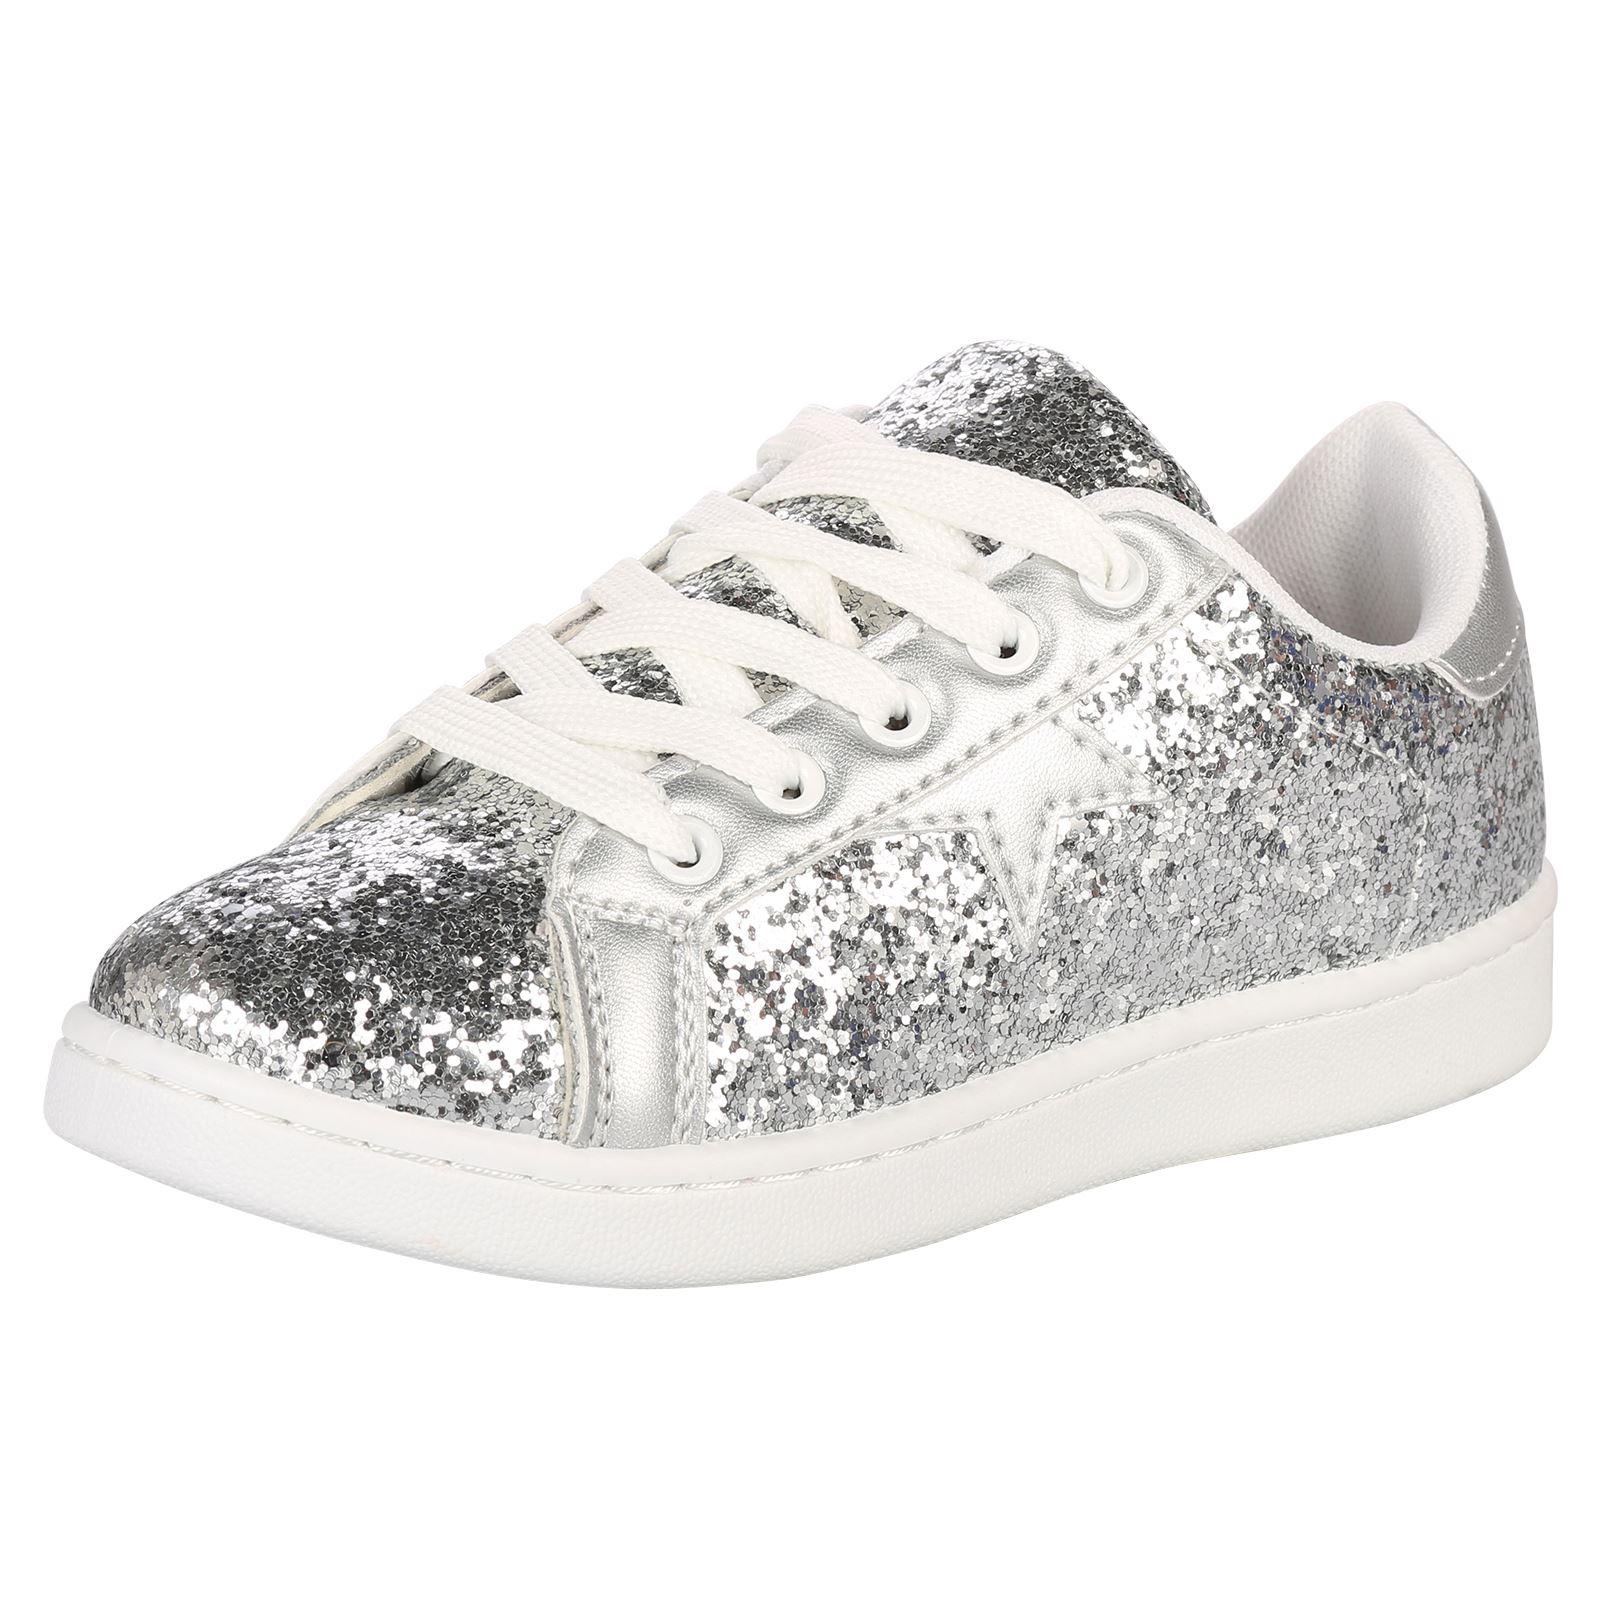 Sneakers casual con stringhe per bambina FYCkYFG